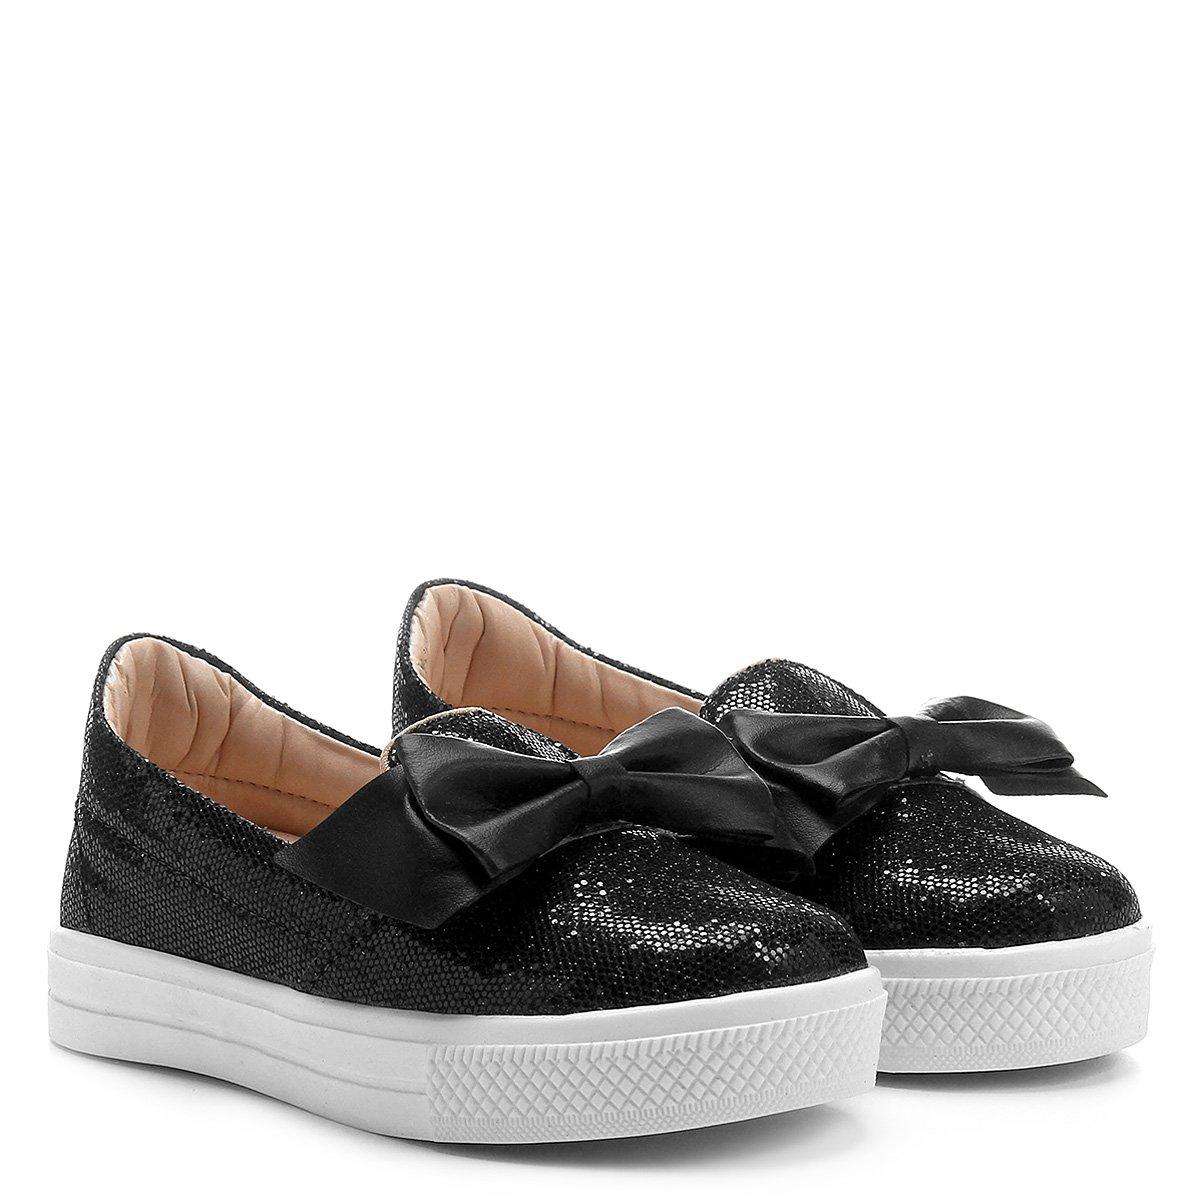 5dc243e0eaf Tênis Infantil Shoestock Glitter Feminina - Compre Agora